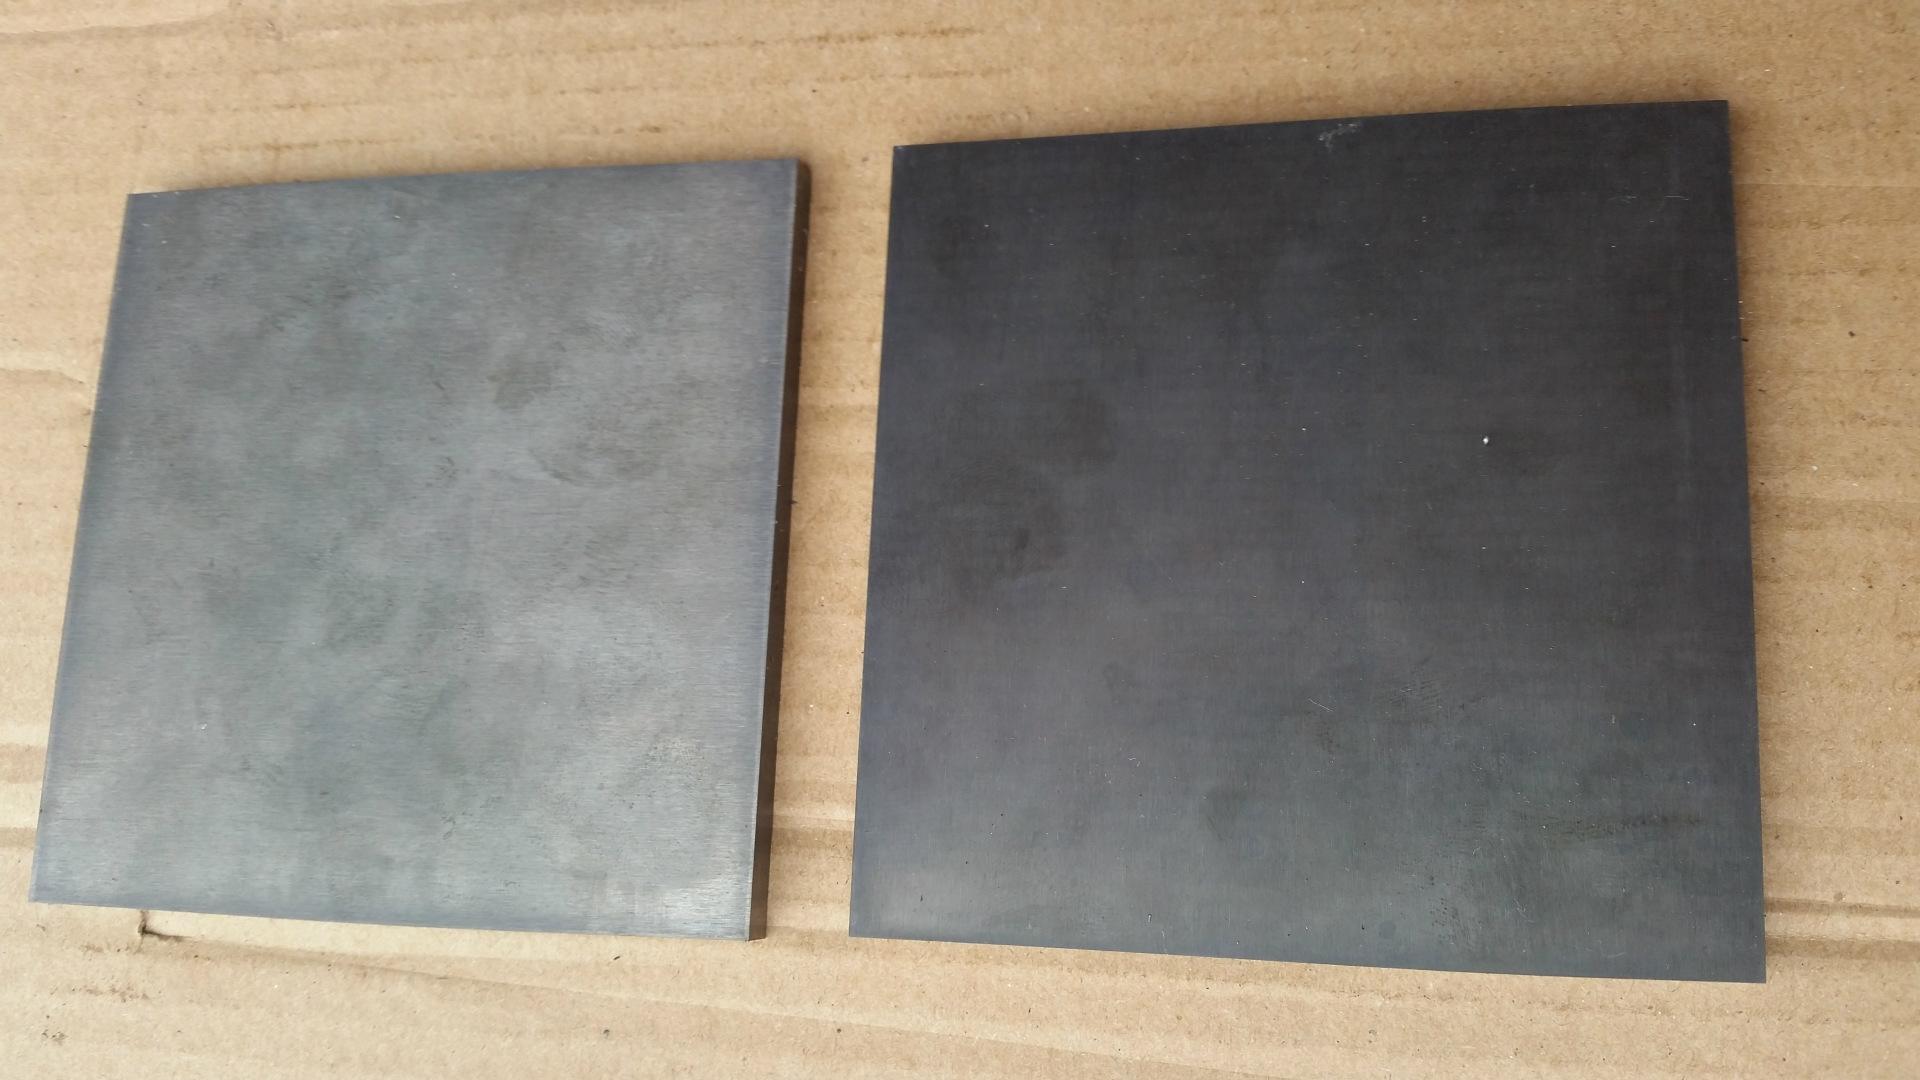 供应美国肯纳钨钢CD-750 CD-K3135品质保证无条件退换货